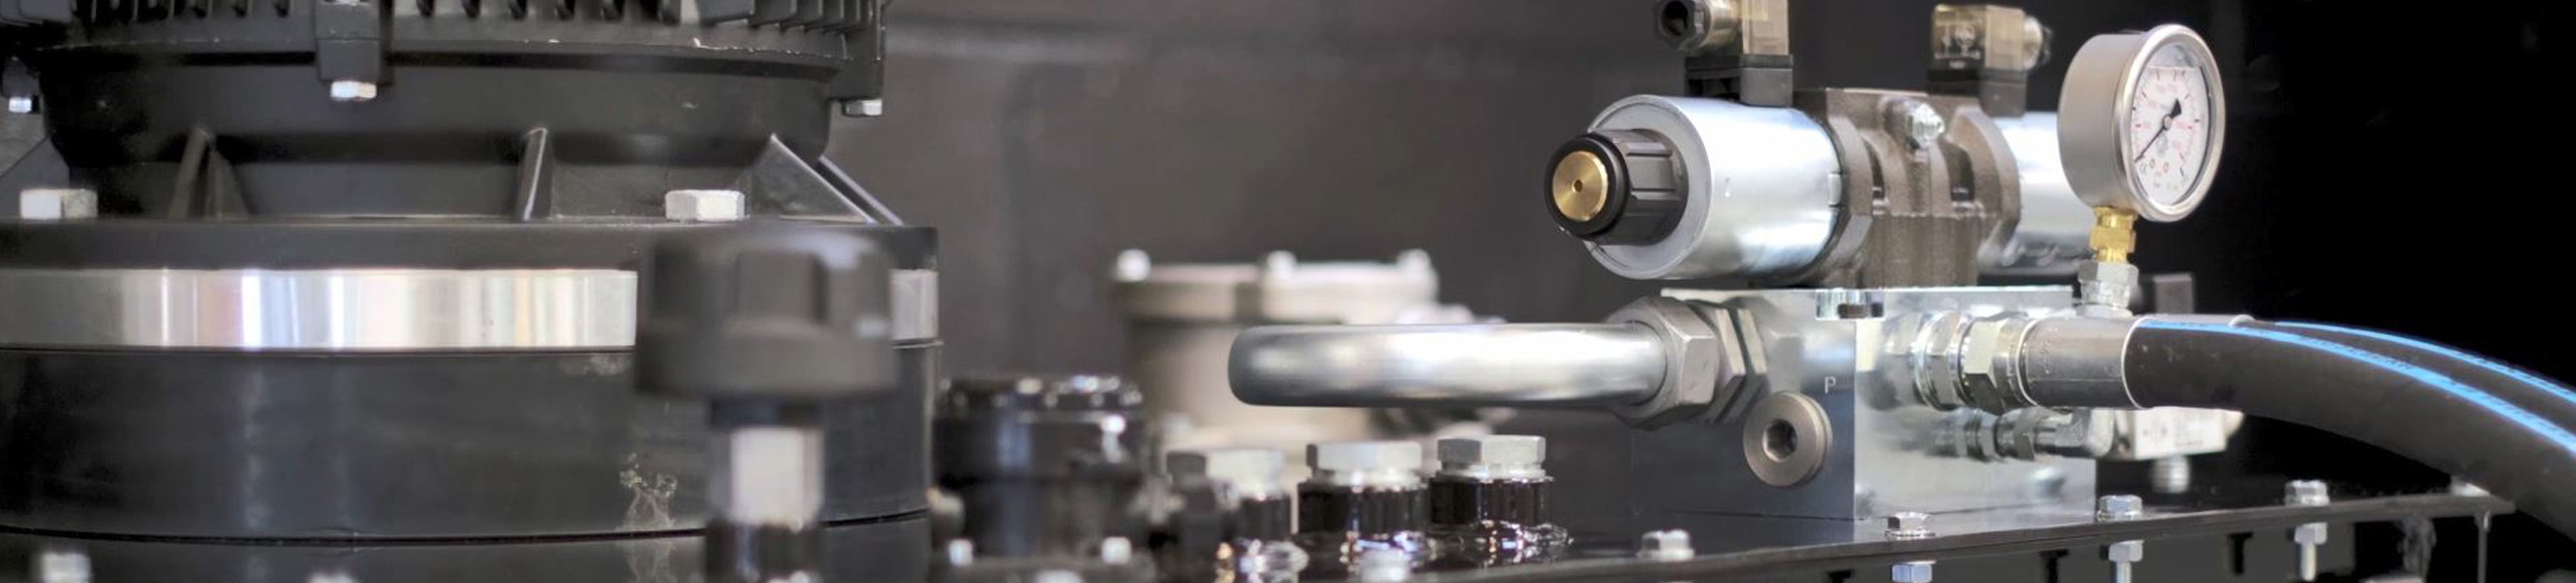 hydraulikkomponenter från kända varumärken